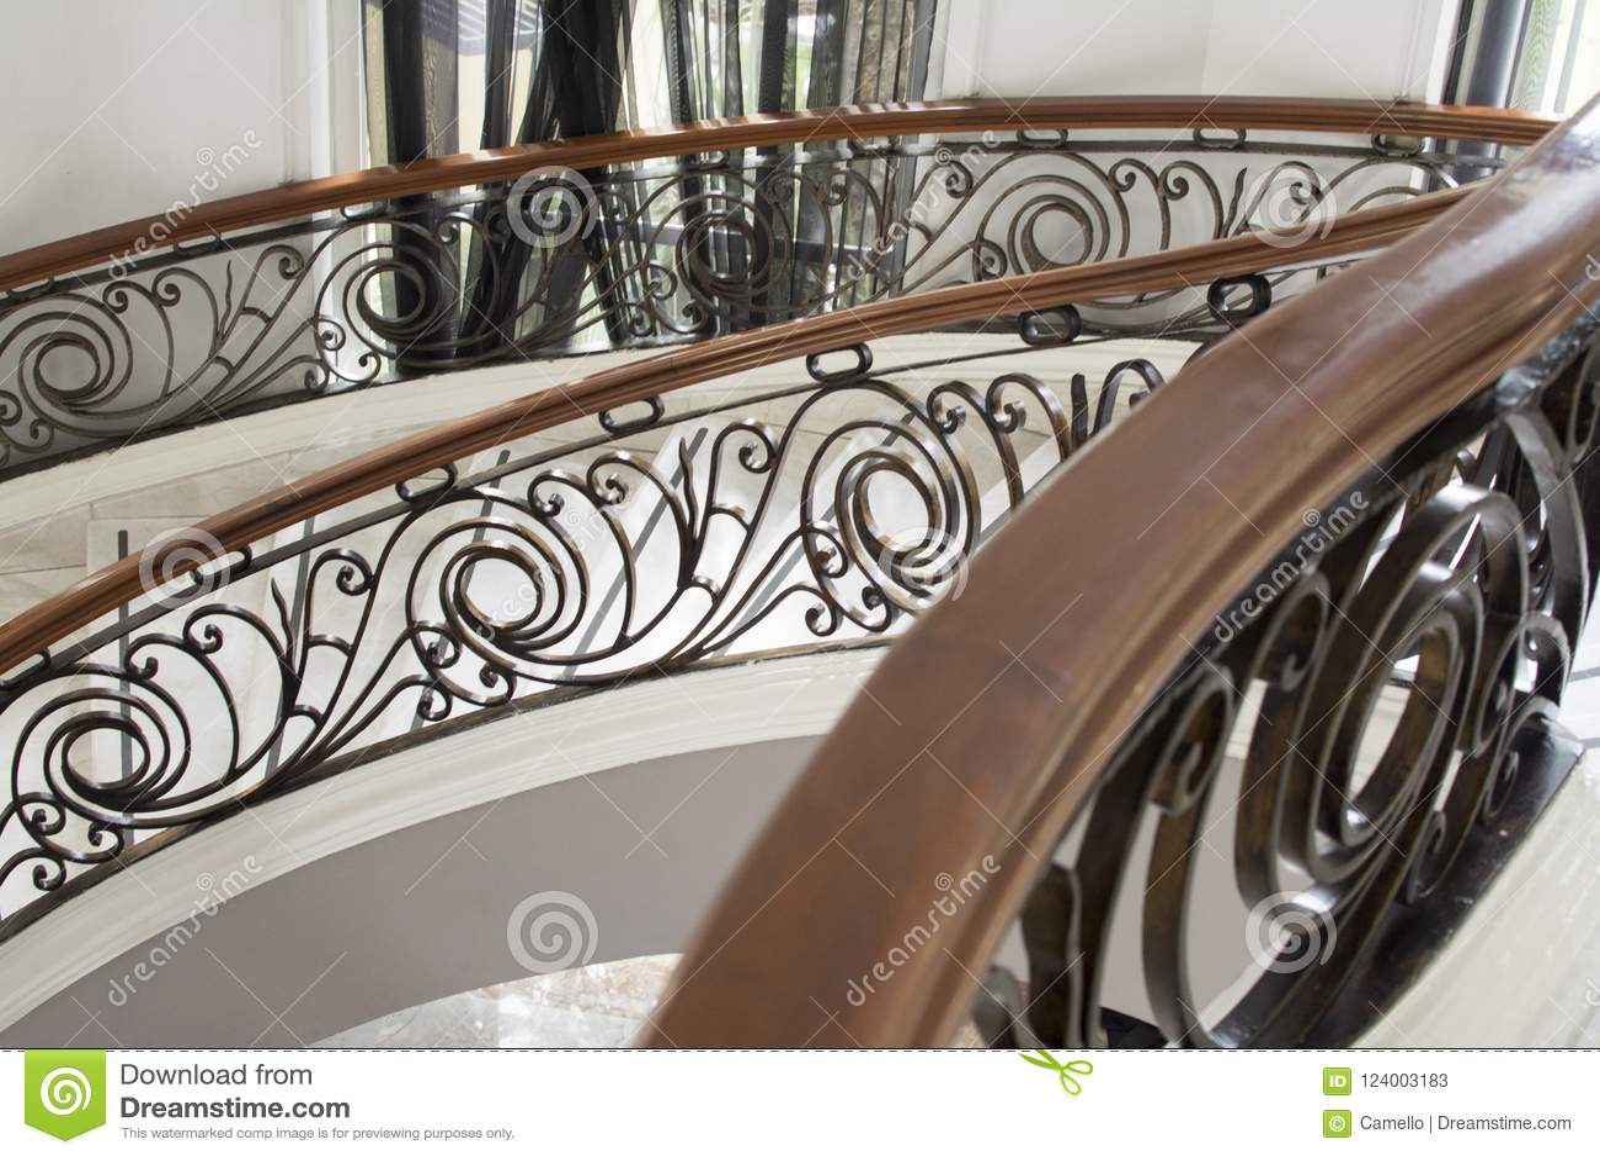 Escaliers De Marbre Avec La Décoration En Bois Et En Acier ...